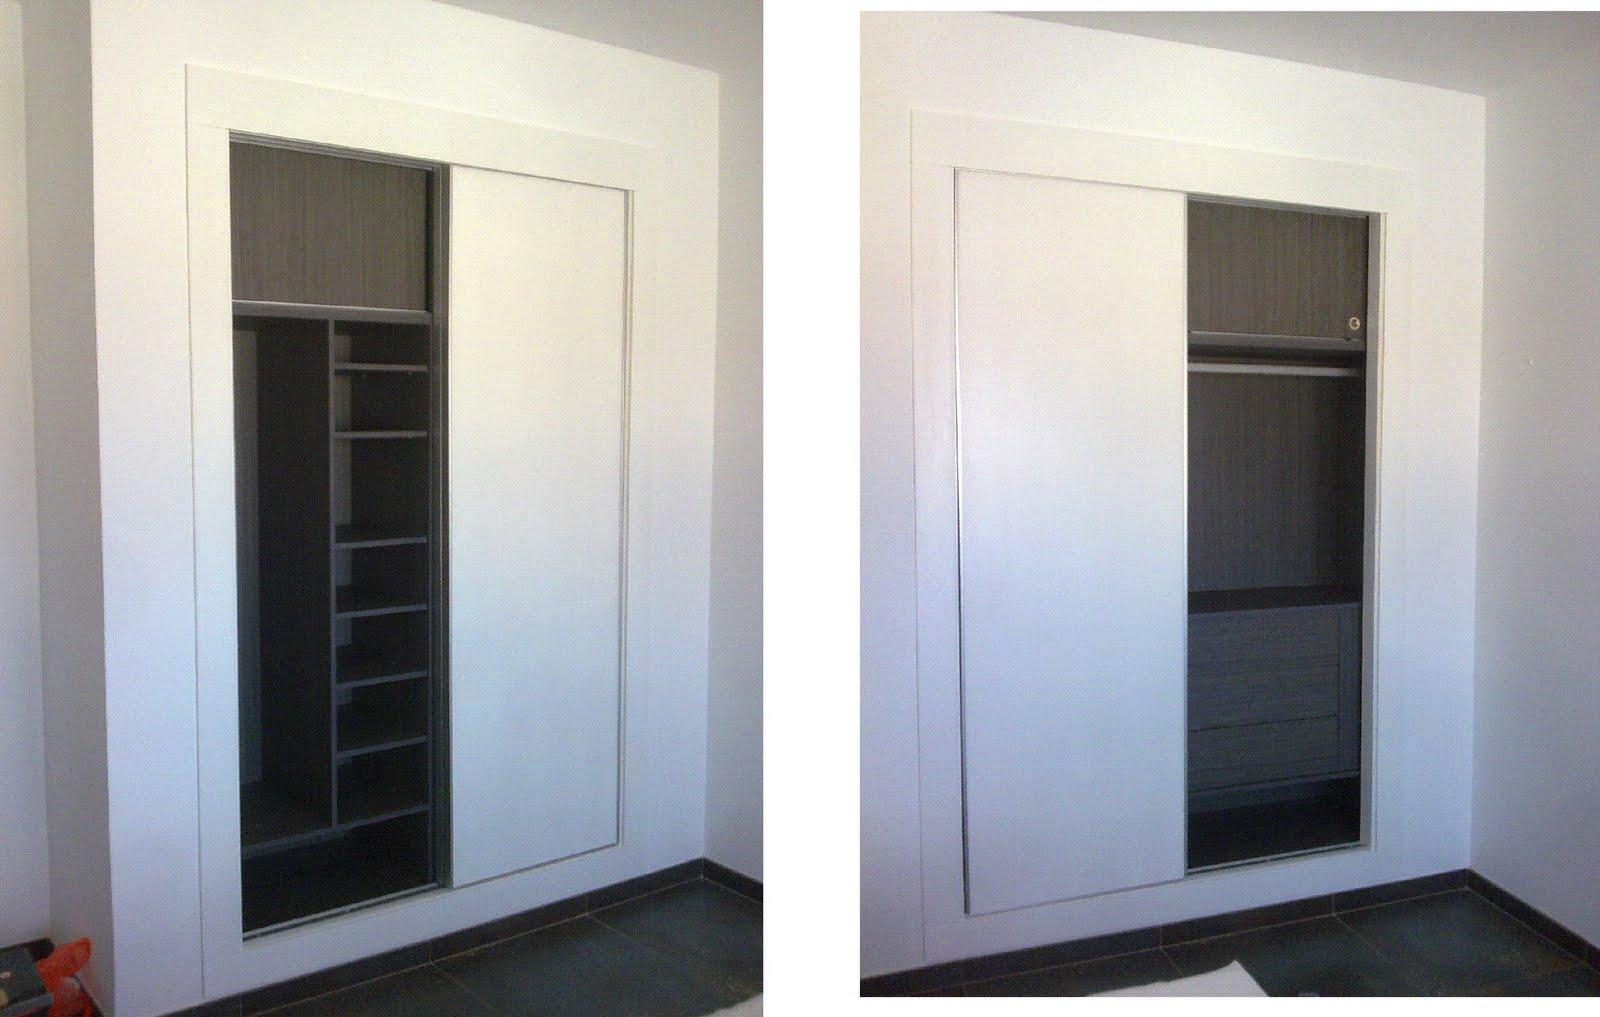 D interior dise o armarios y vestidores - Diseno interior armarios ...